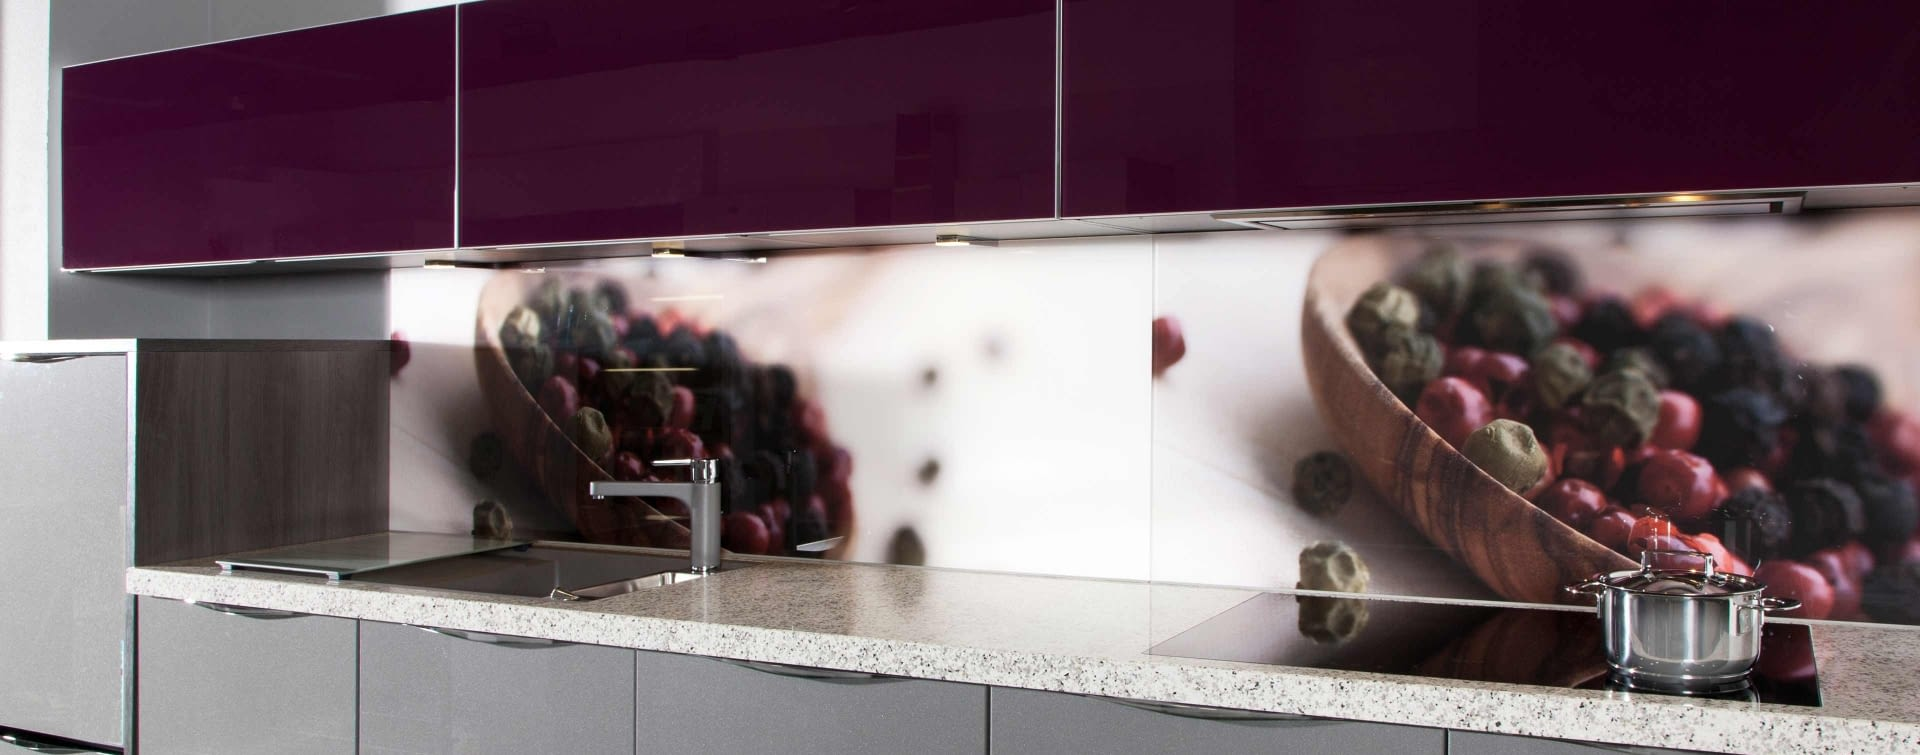 Nischenpaneele aus Glas - Marquardt Küchen